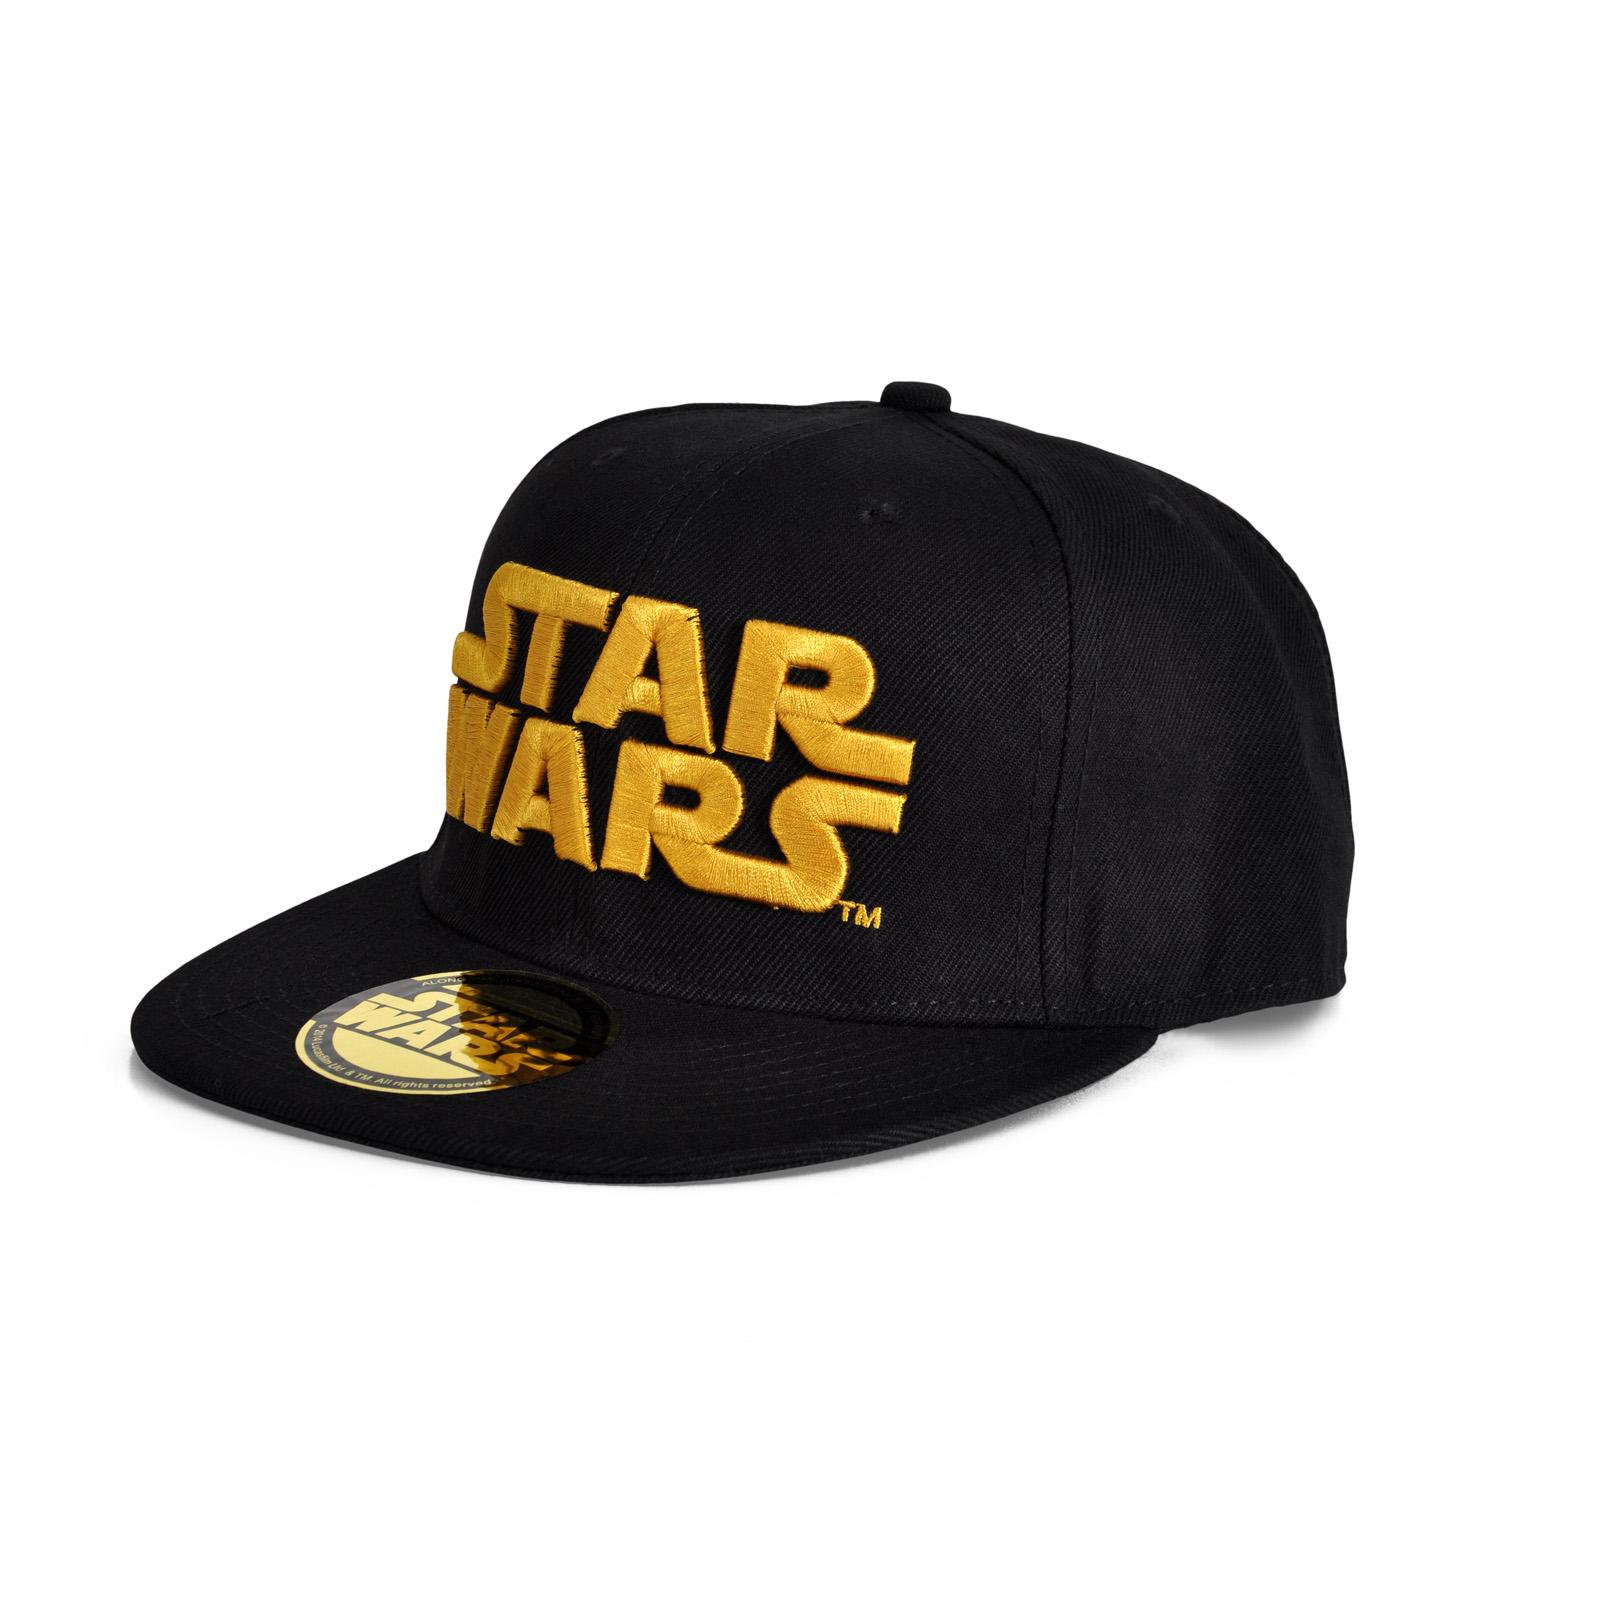 Star Wars - Golden Logo Snapback Cap